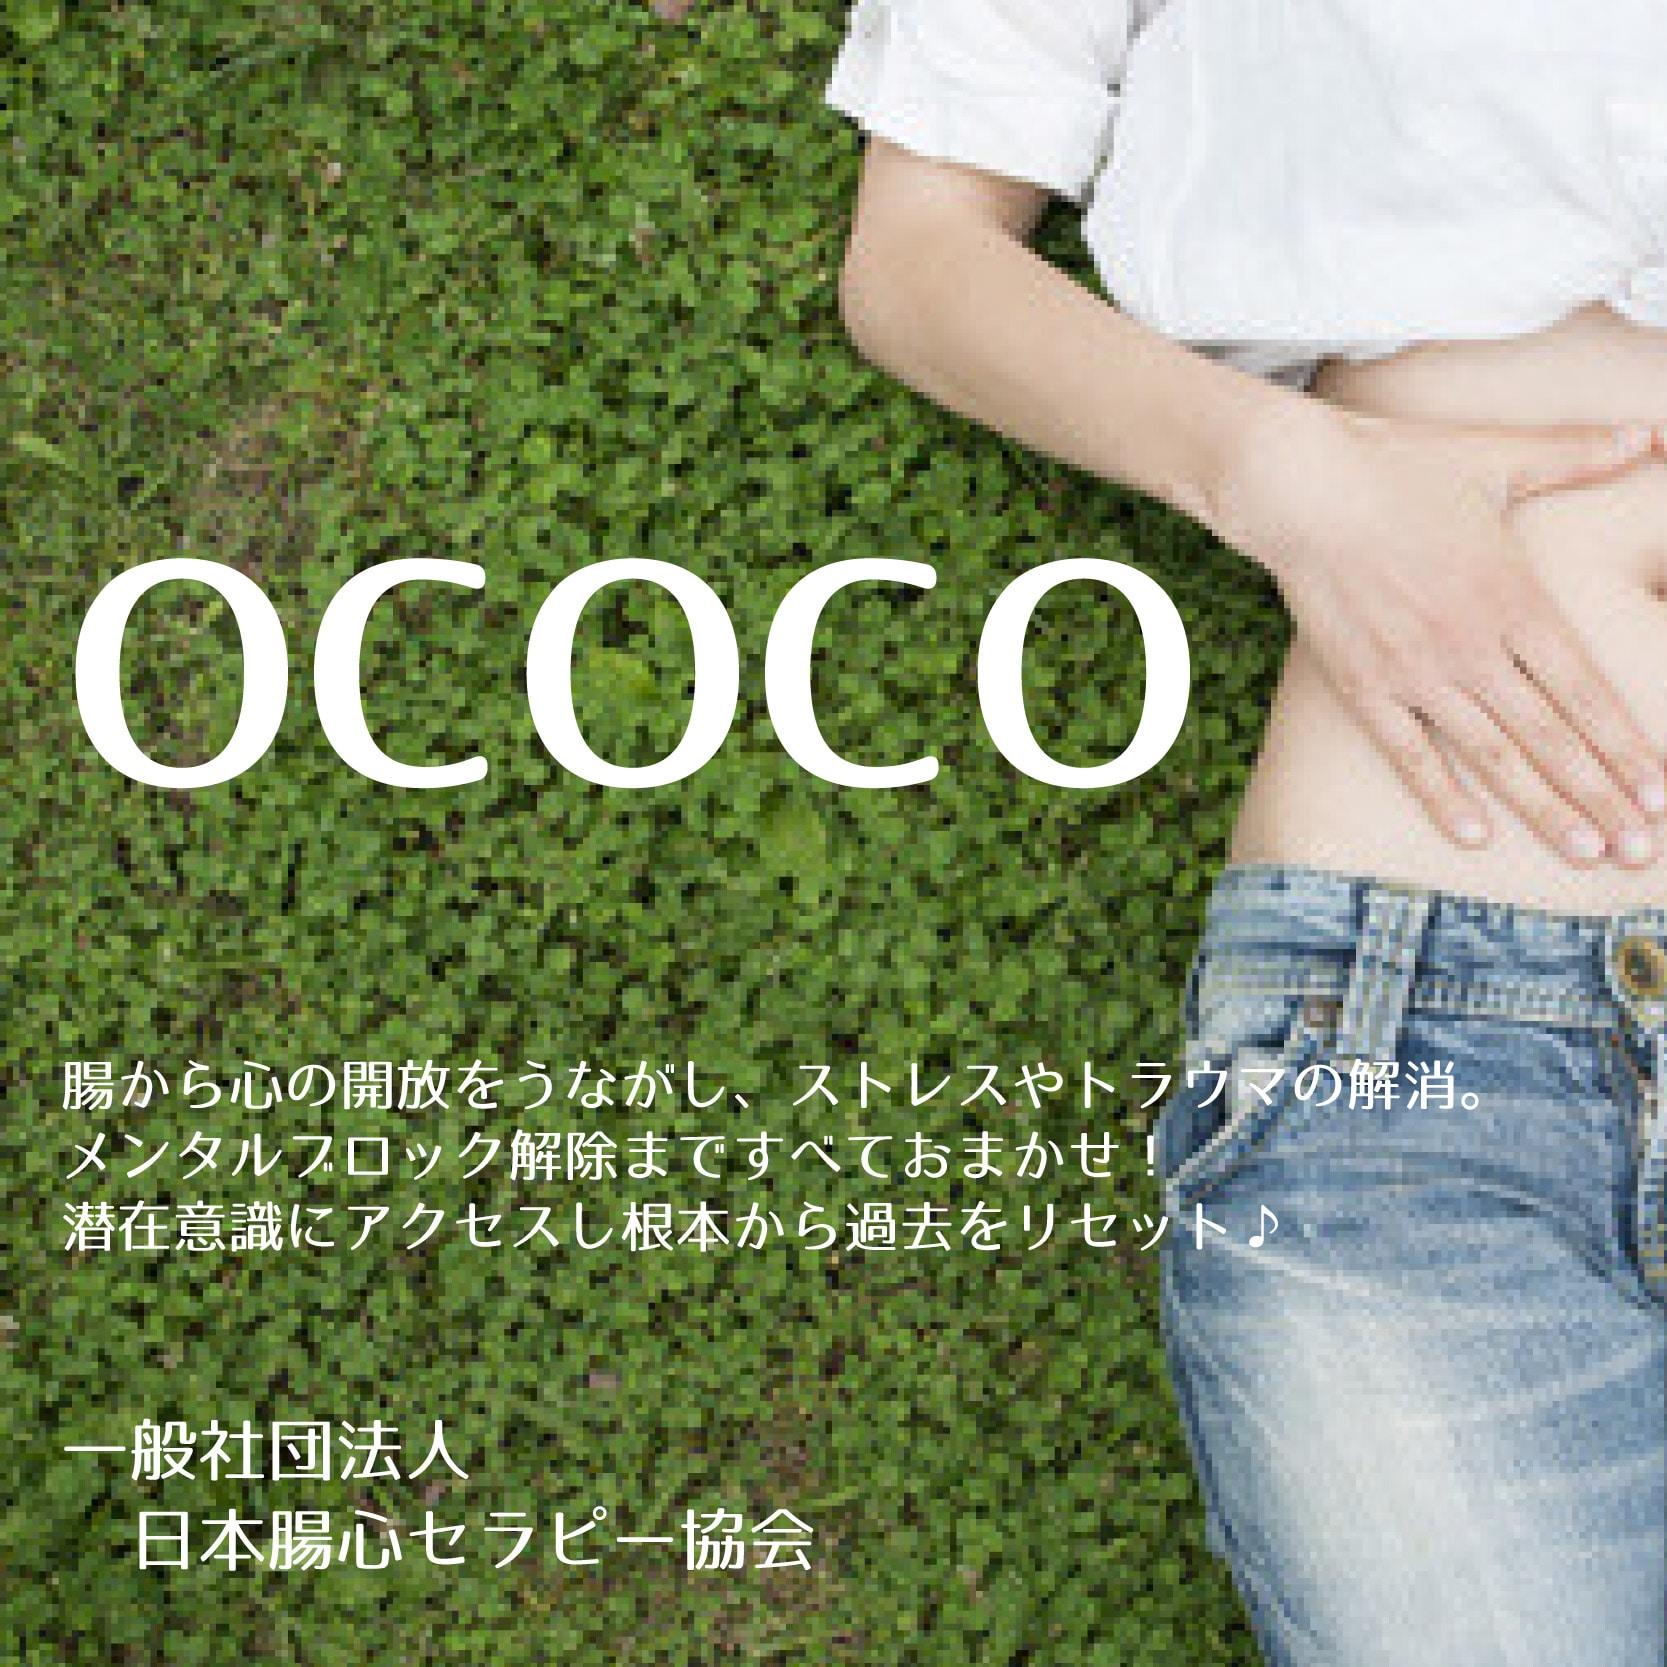 ococo